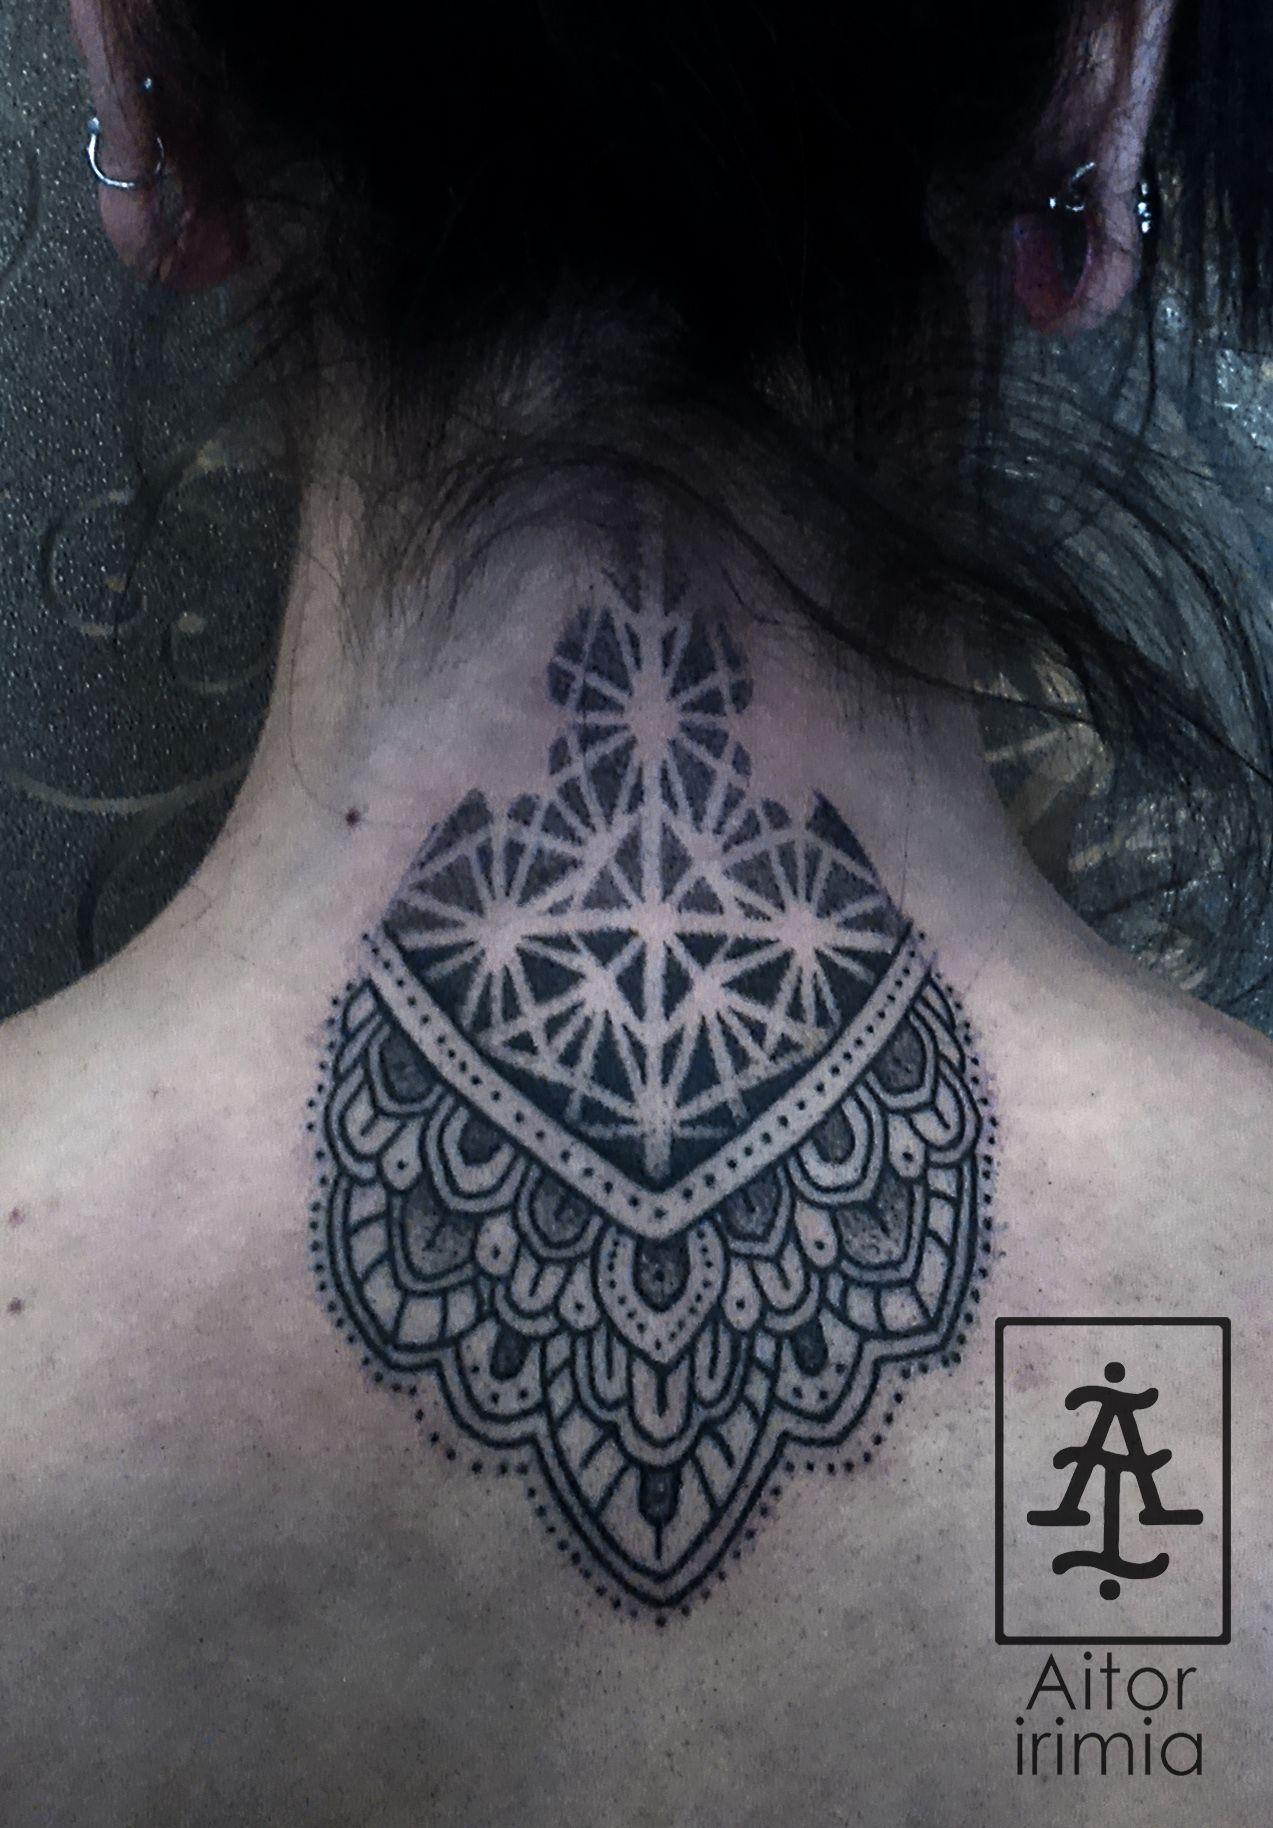 Geometría puntillismo http://instagram.com/aitoririmia http://aitoririmia.com  #tatuajes #puntillismo #dotwork #tattoos #tattoo #mandala #mandalas #Madrid